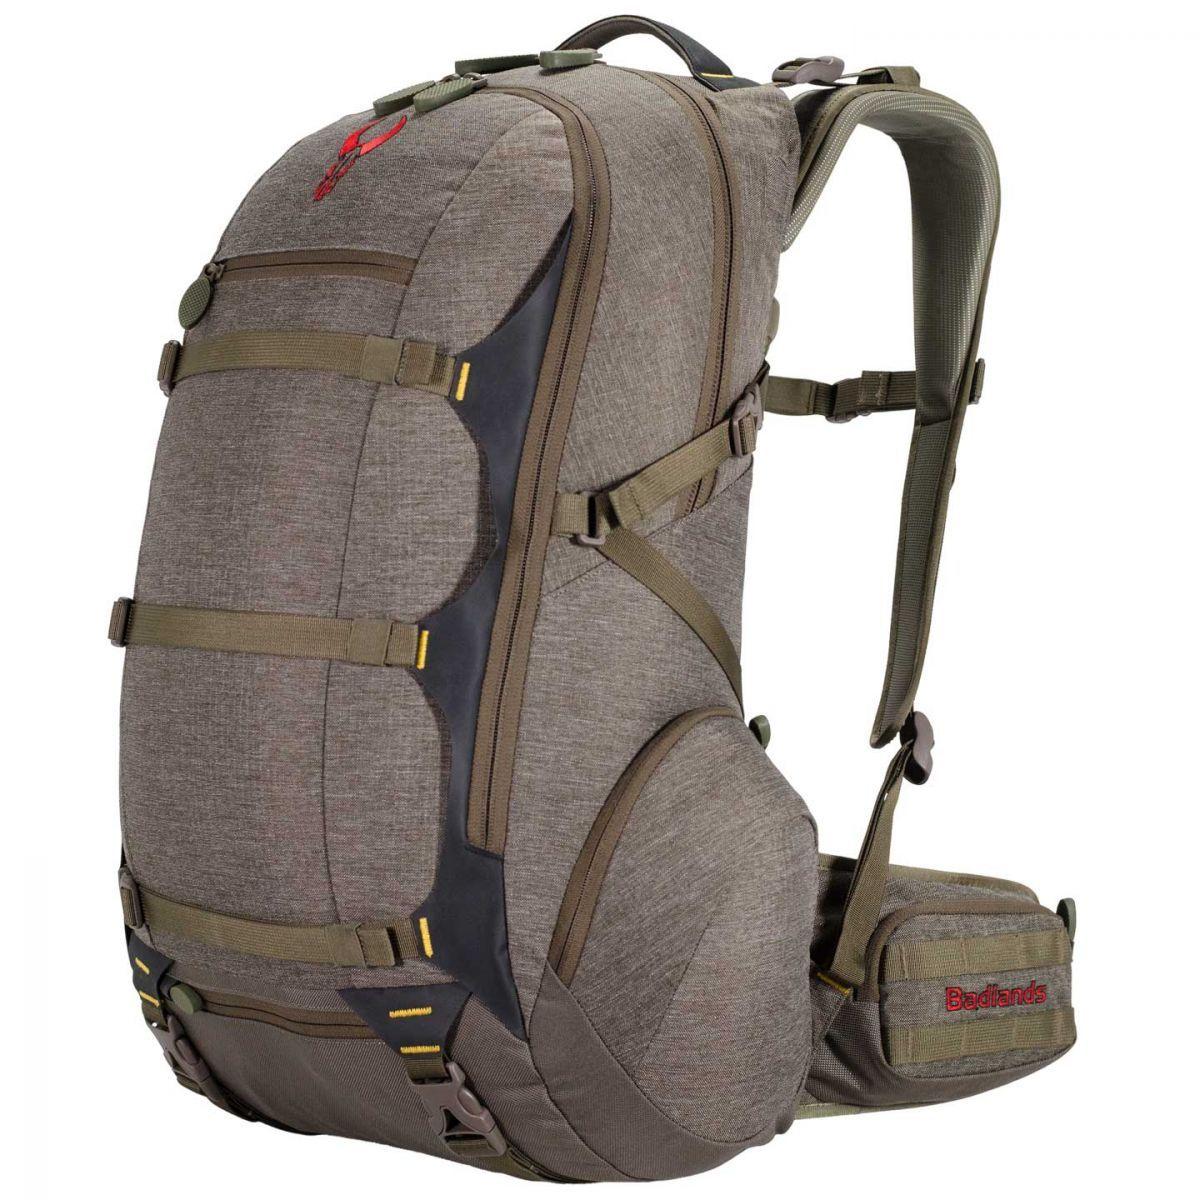 Badlands Diablo Dos Day Pack Solid Color Hunting Backpacks